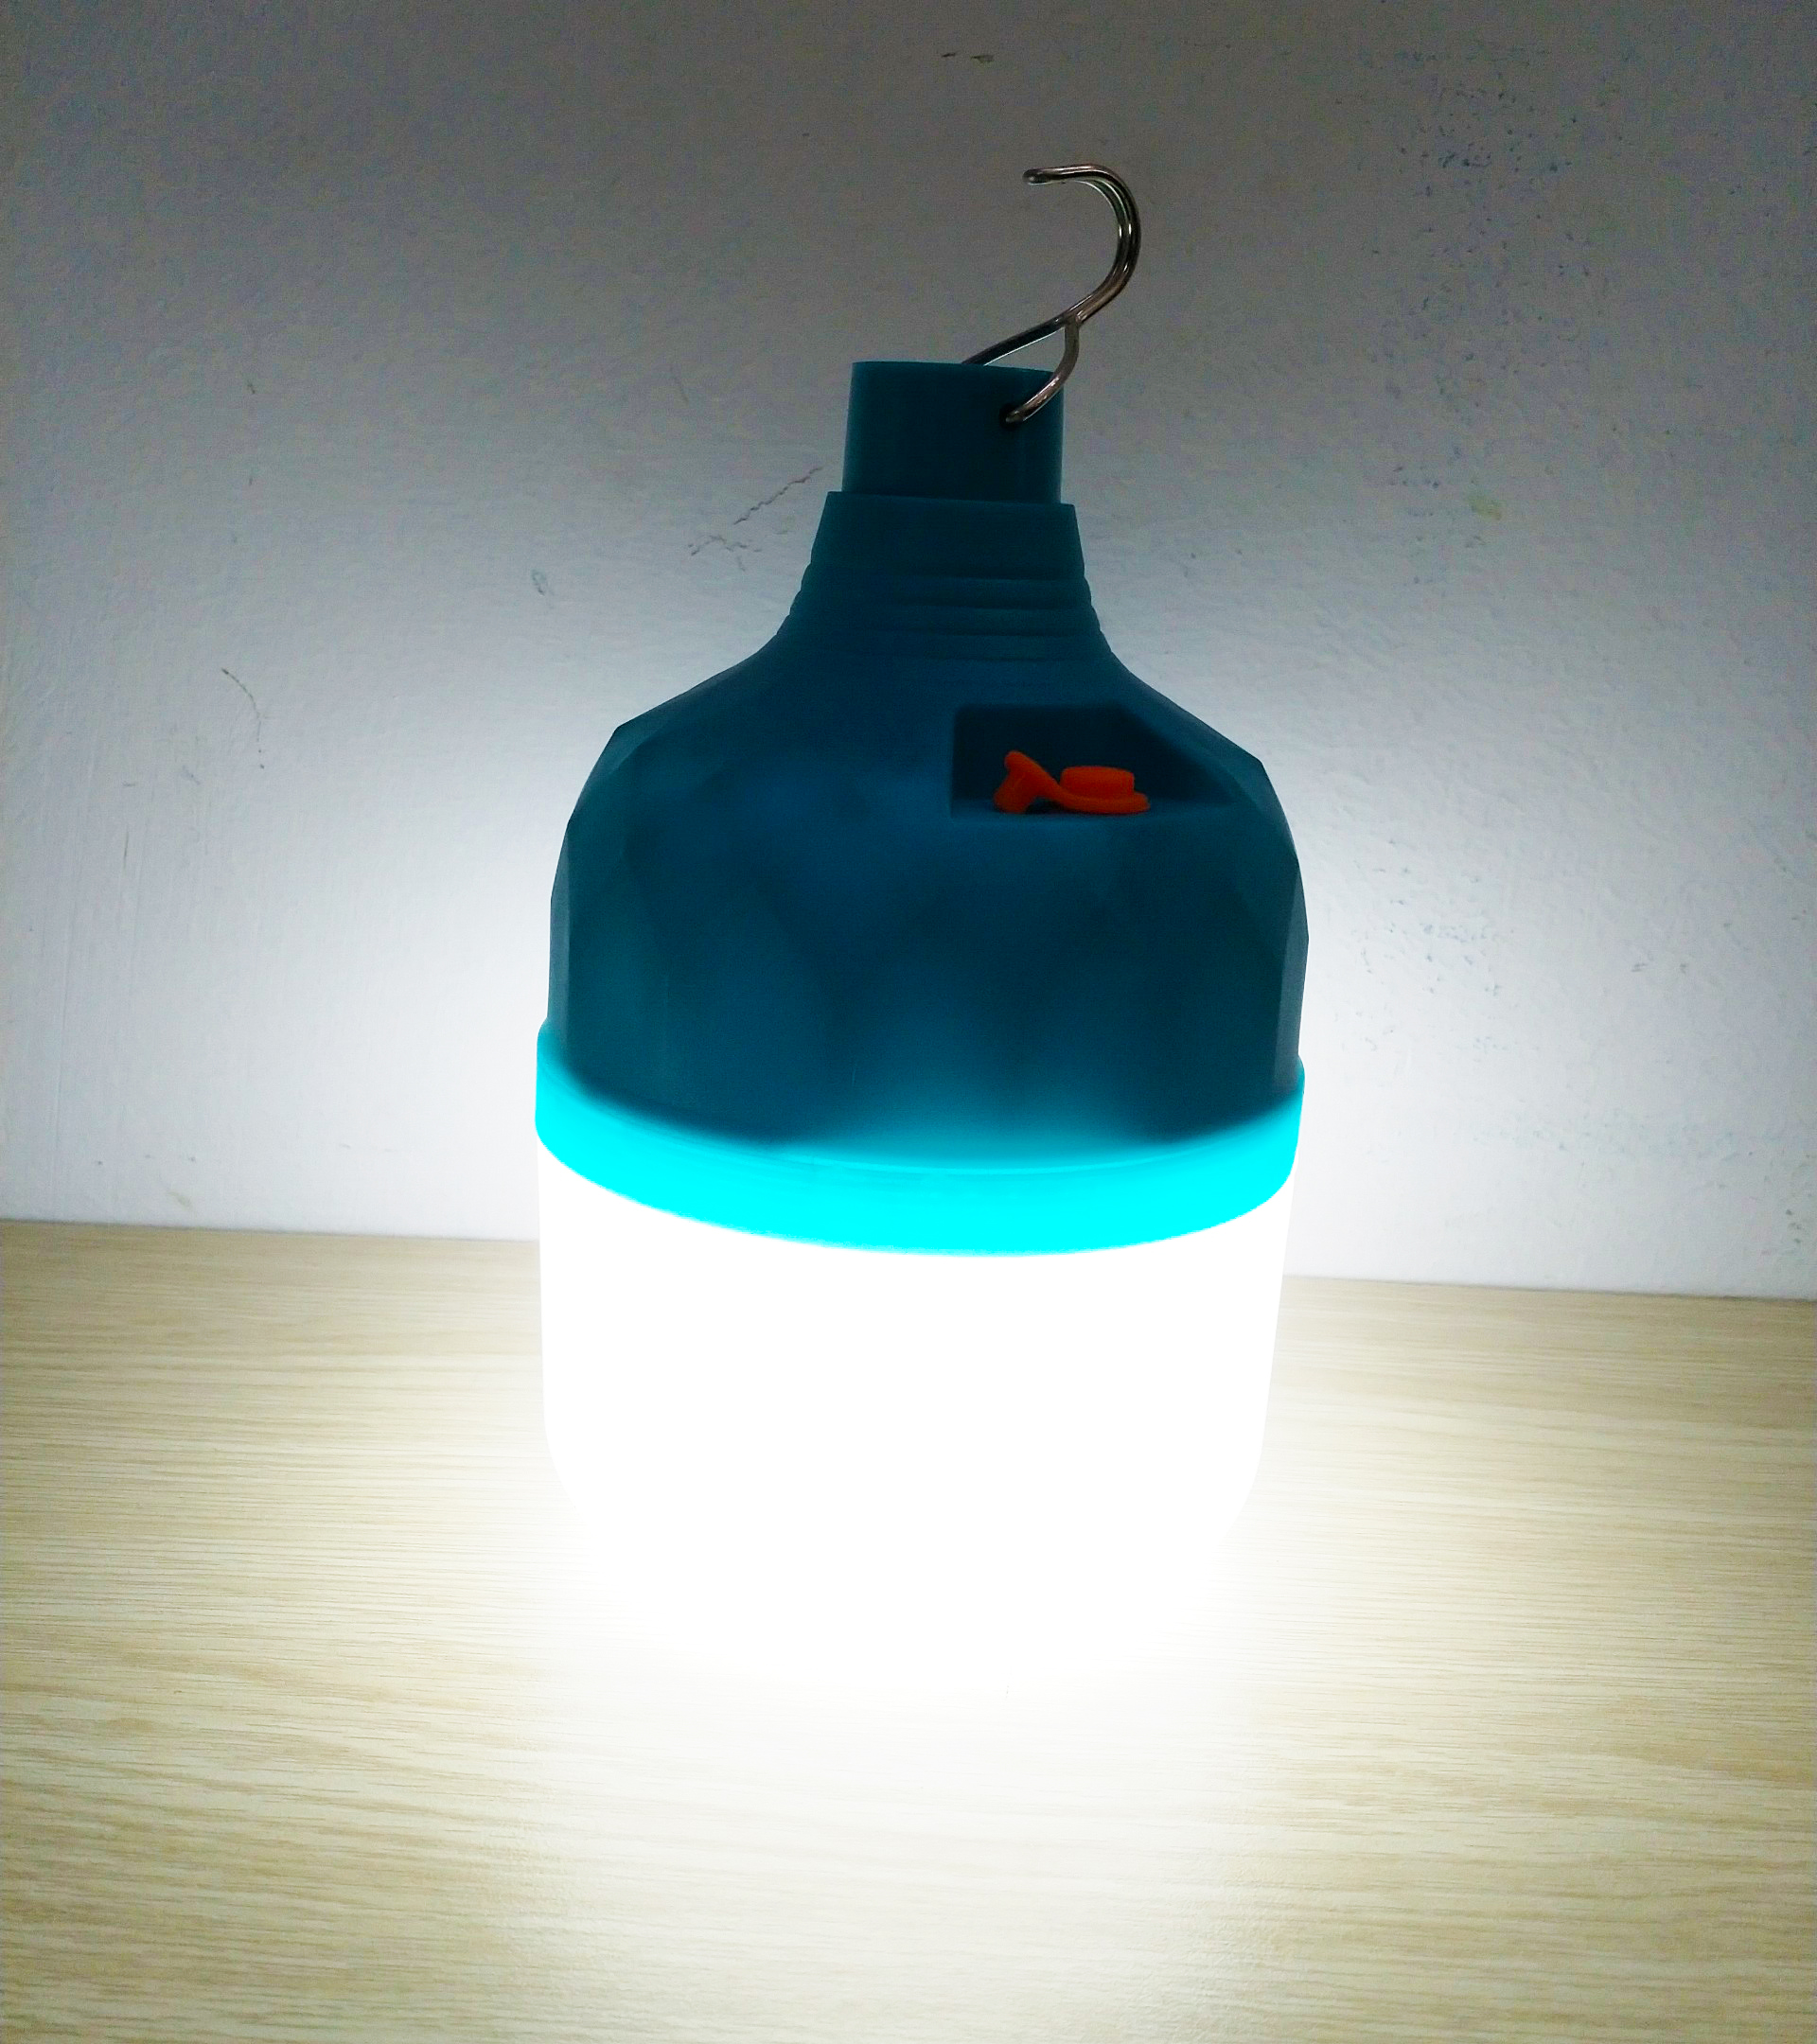 Đèn sạc tích điện hình trụ công suất 50W 3 chế độ cho quán ăn đêm - Màu xanh dương - Bóng led tiết kiệm điện